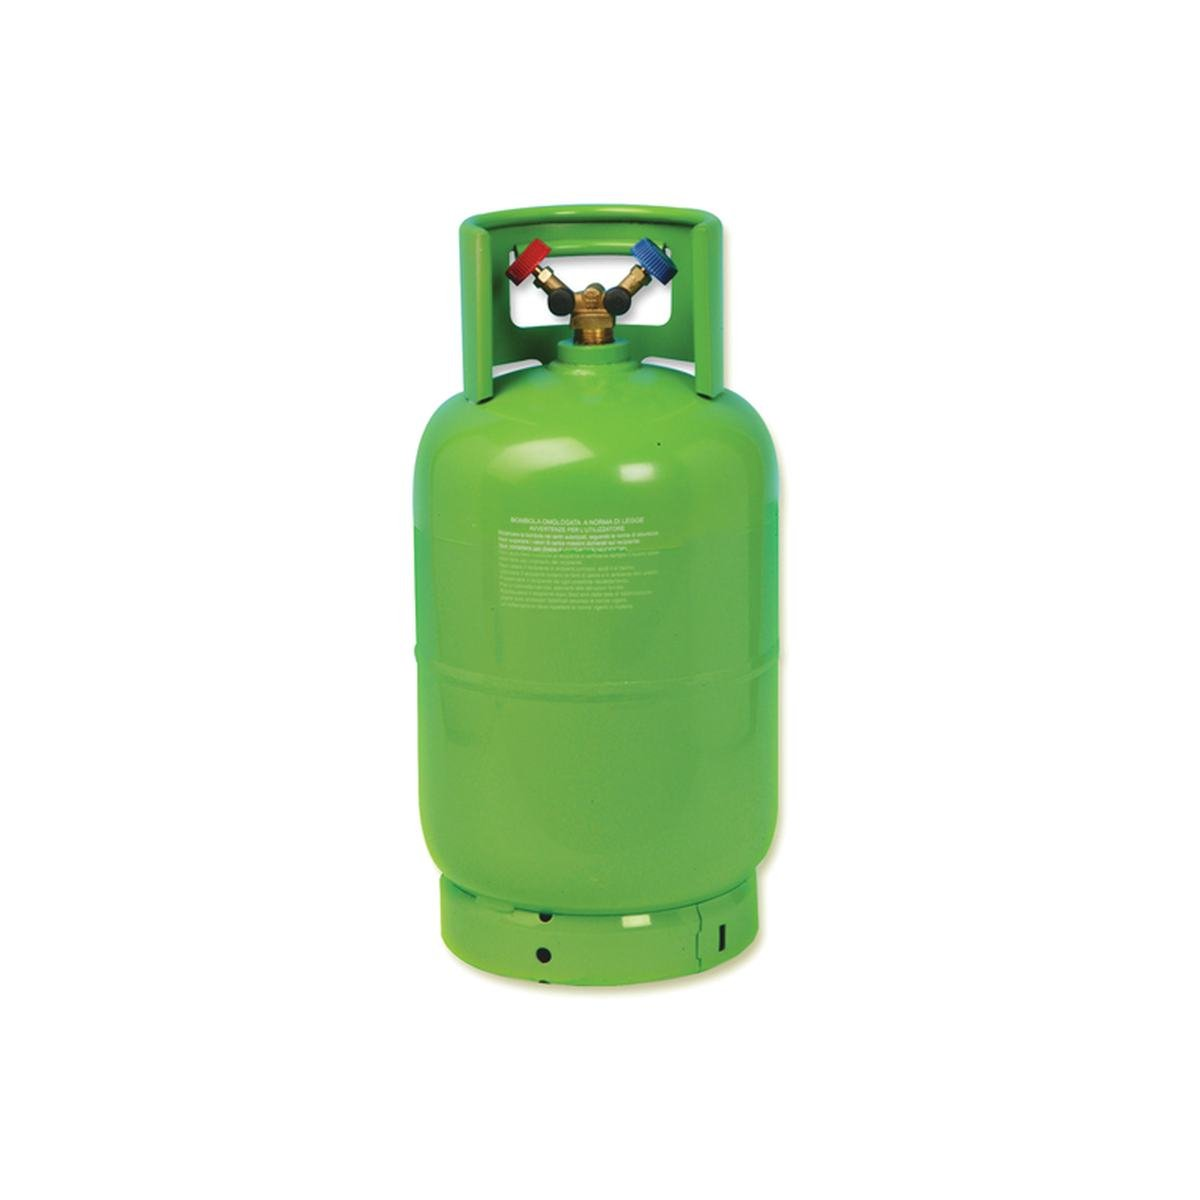 Returbehållare för obranbara kylmedeln 12,5 liter